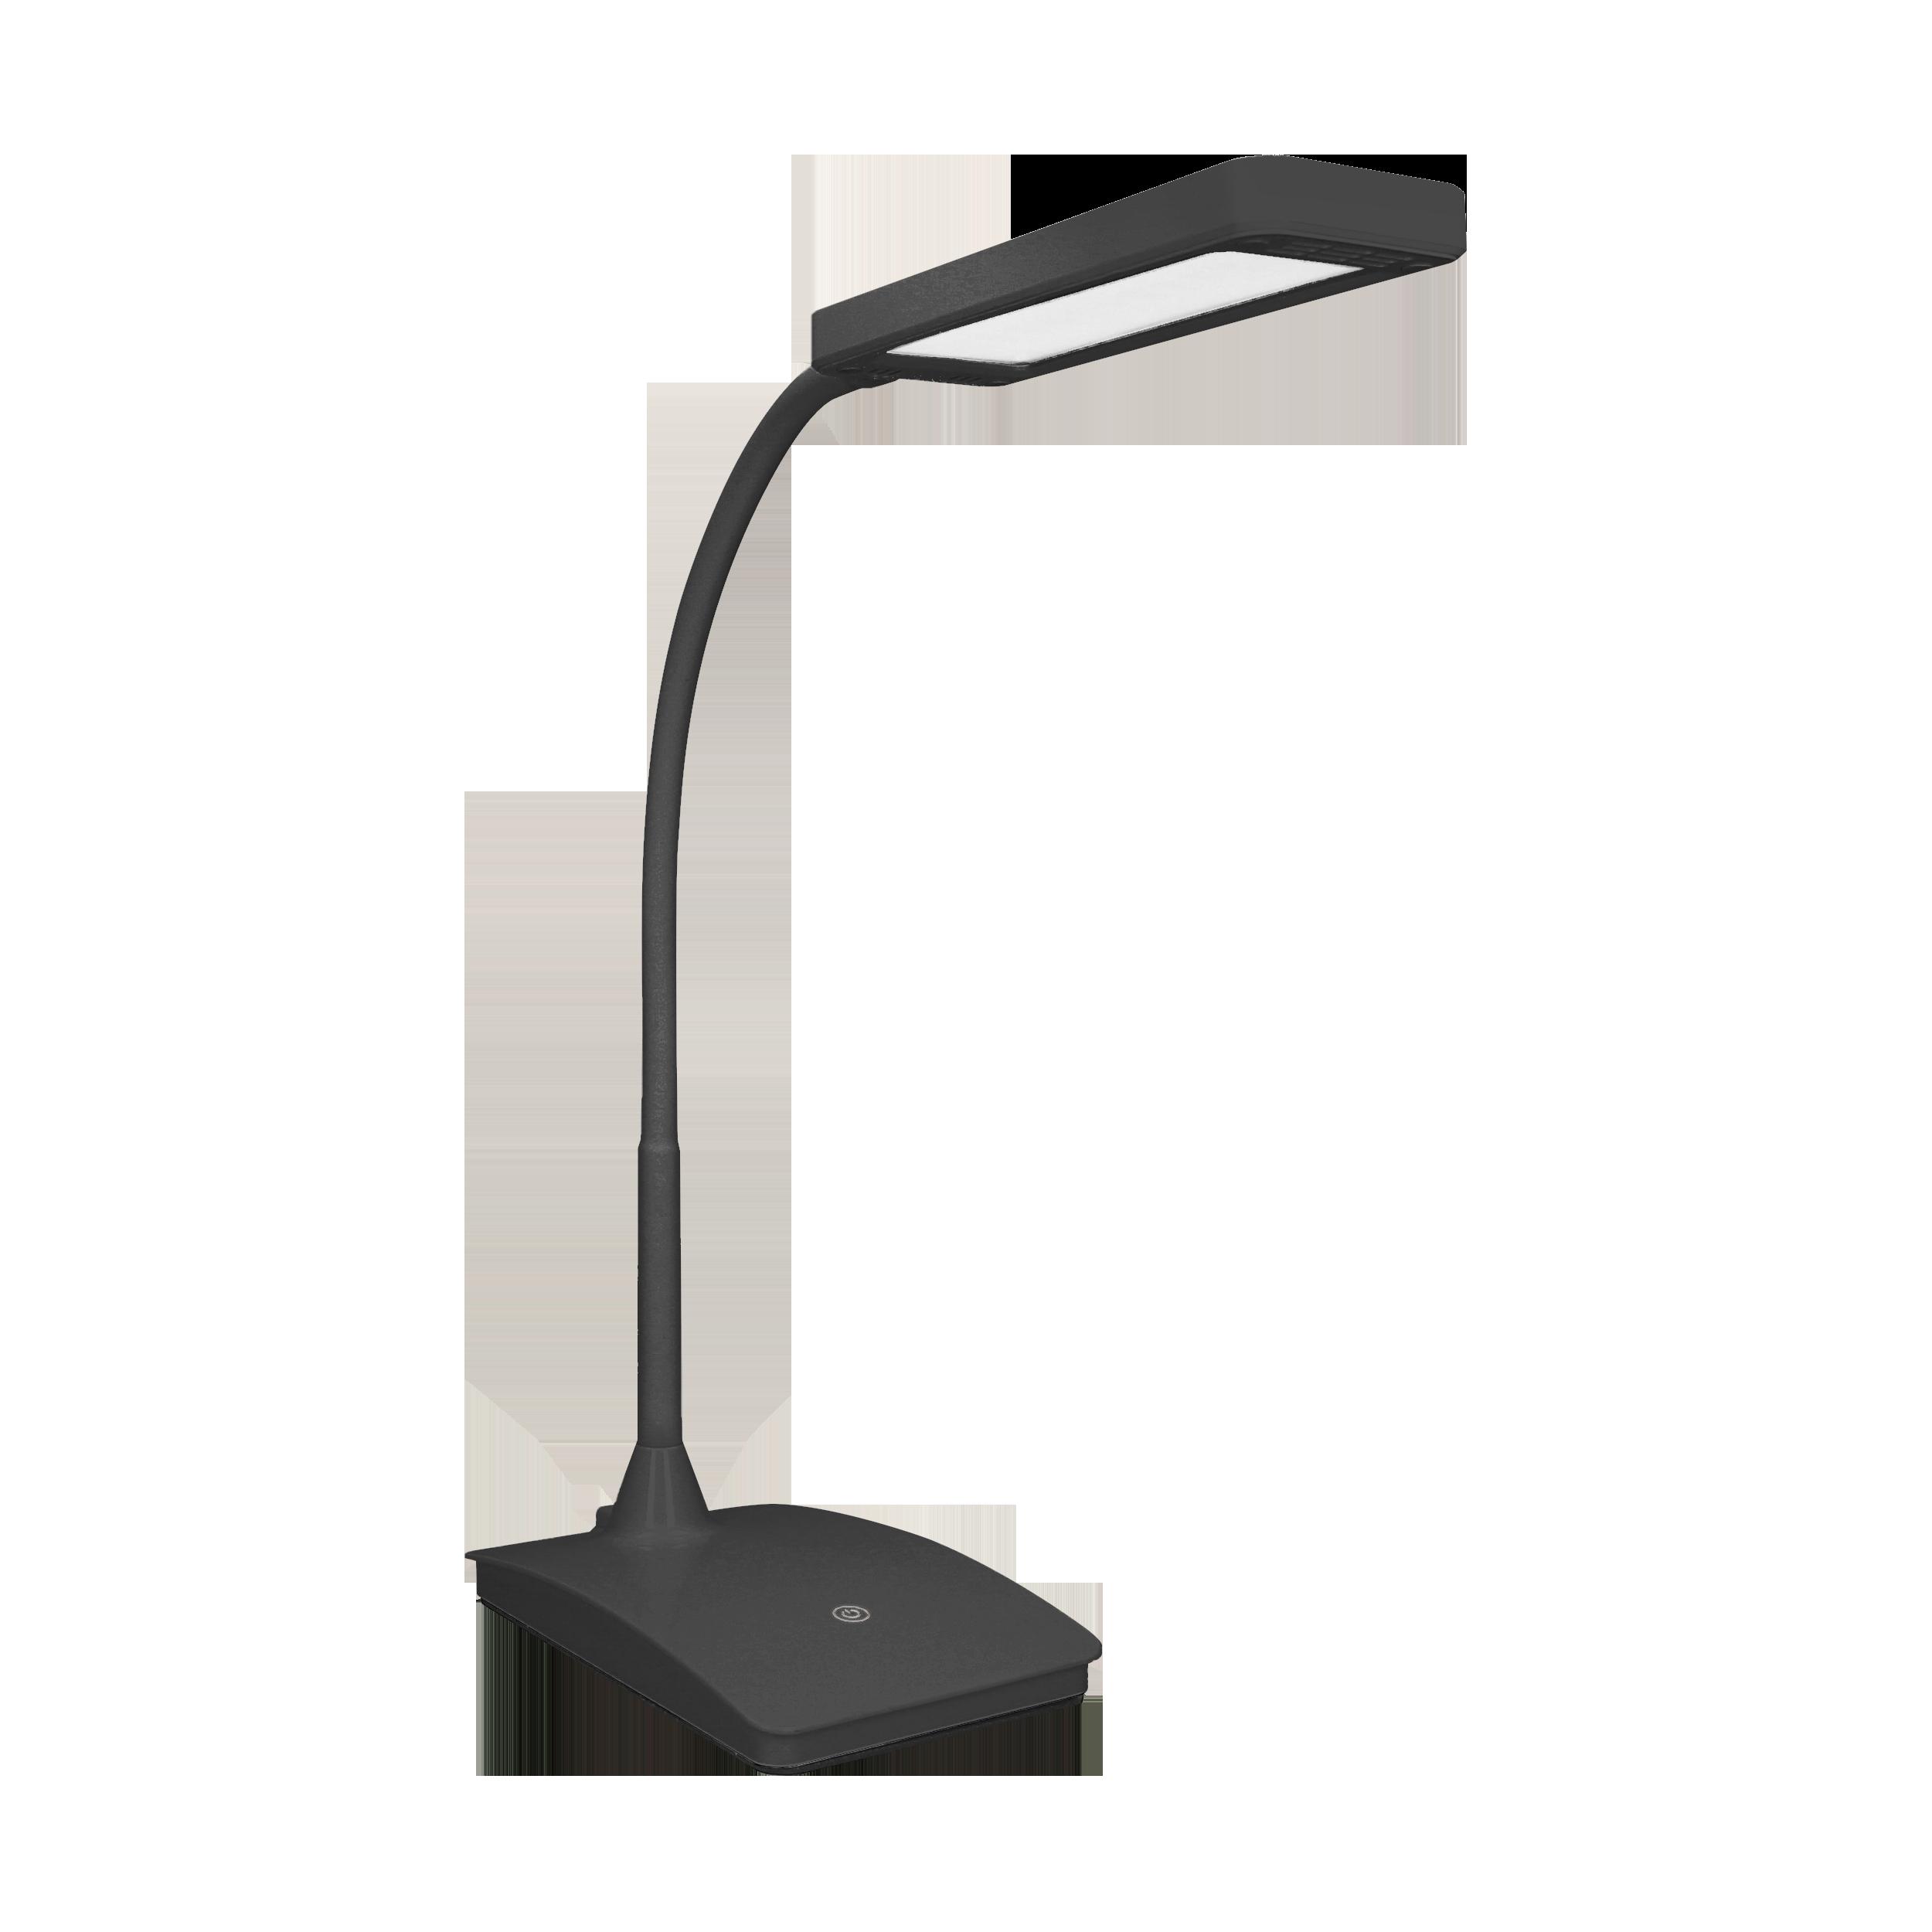 TOPAZ LED DIM 6W, lampka biurkowa, 360lm, 3000K, czarna, funkcja ściemniania